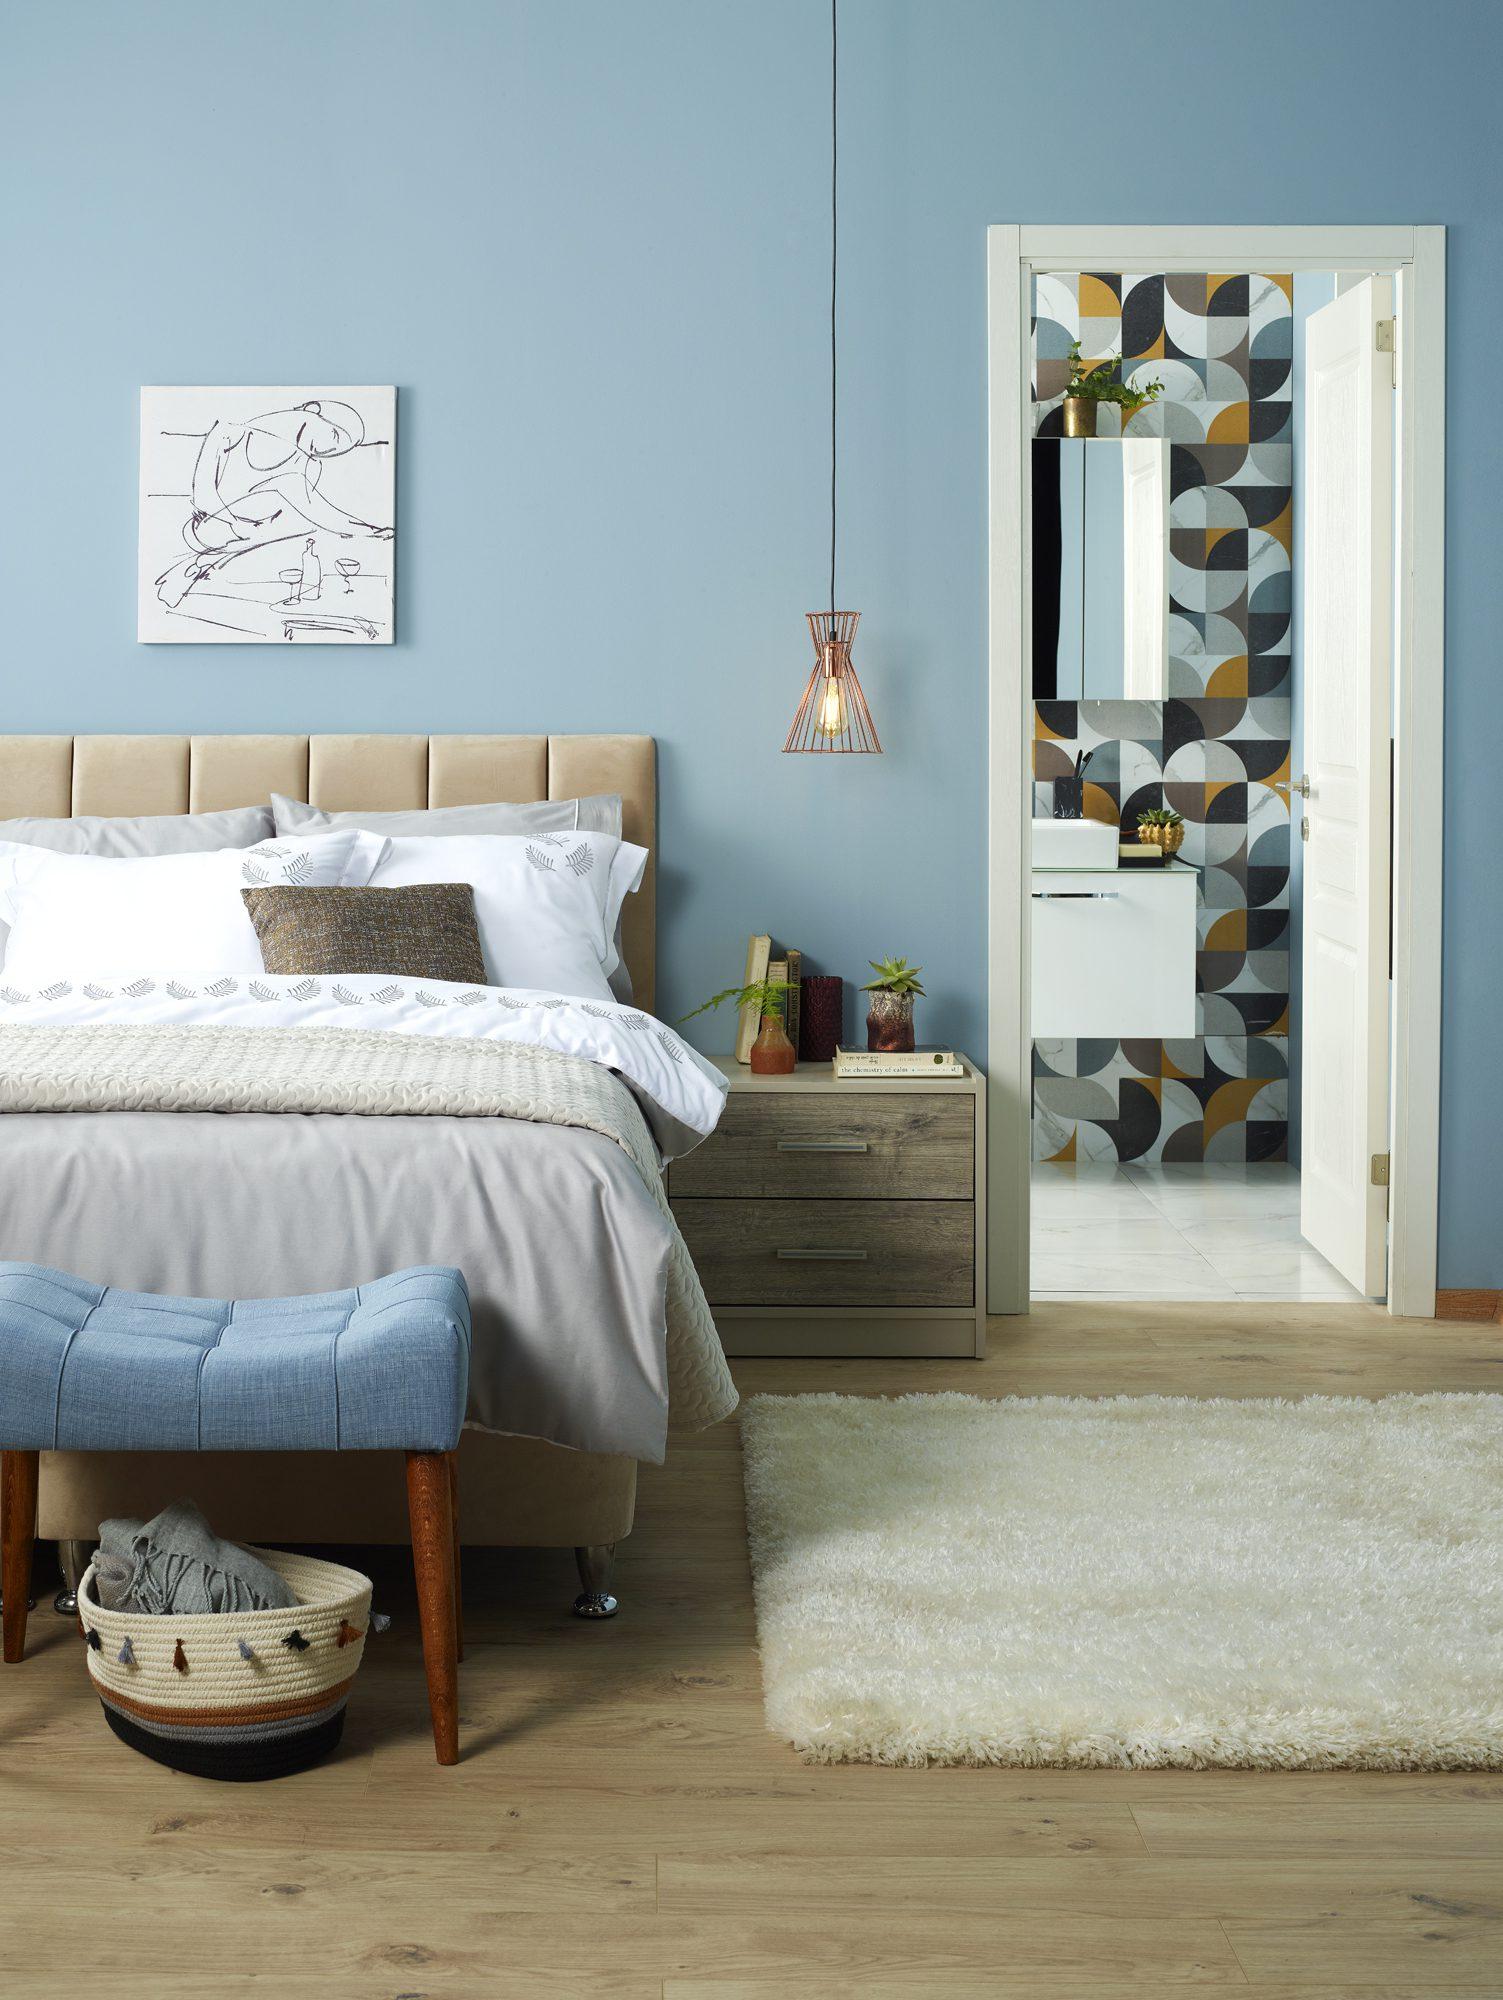 Kaliteli uyku için yatak odası dekorasyonu